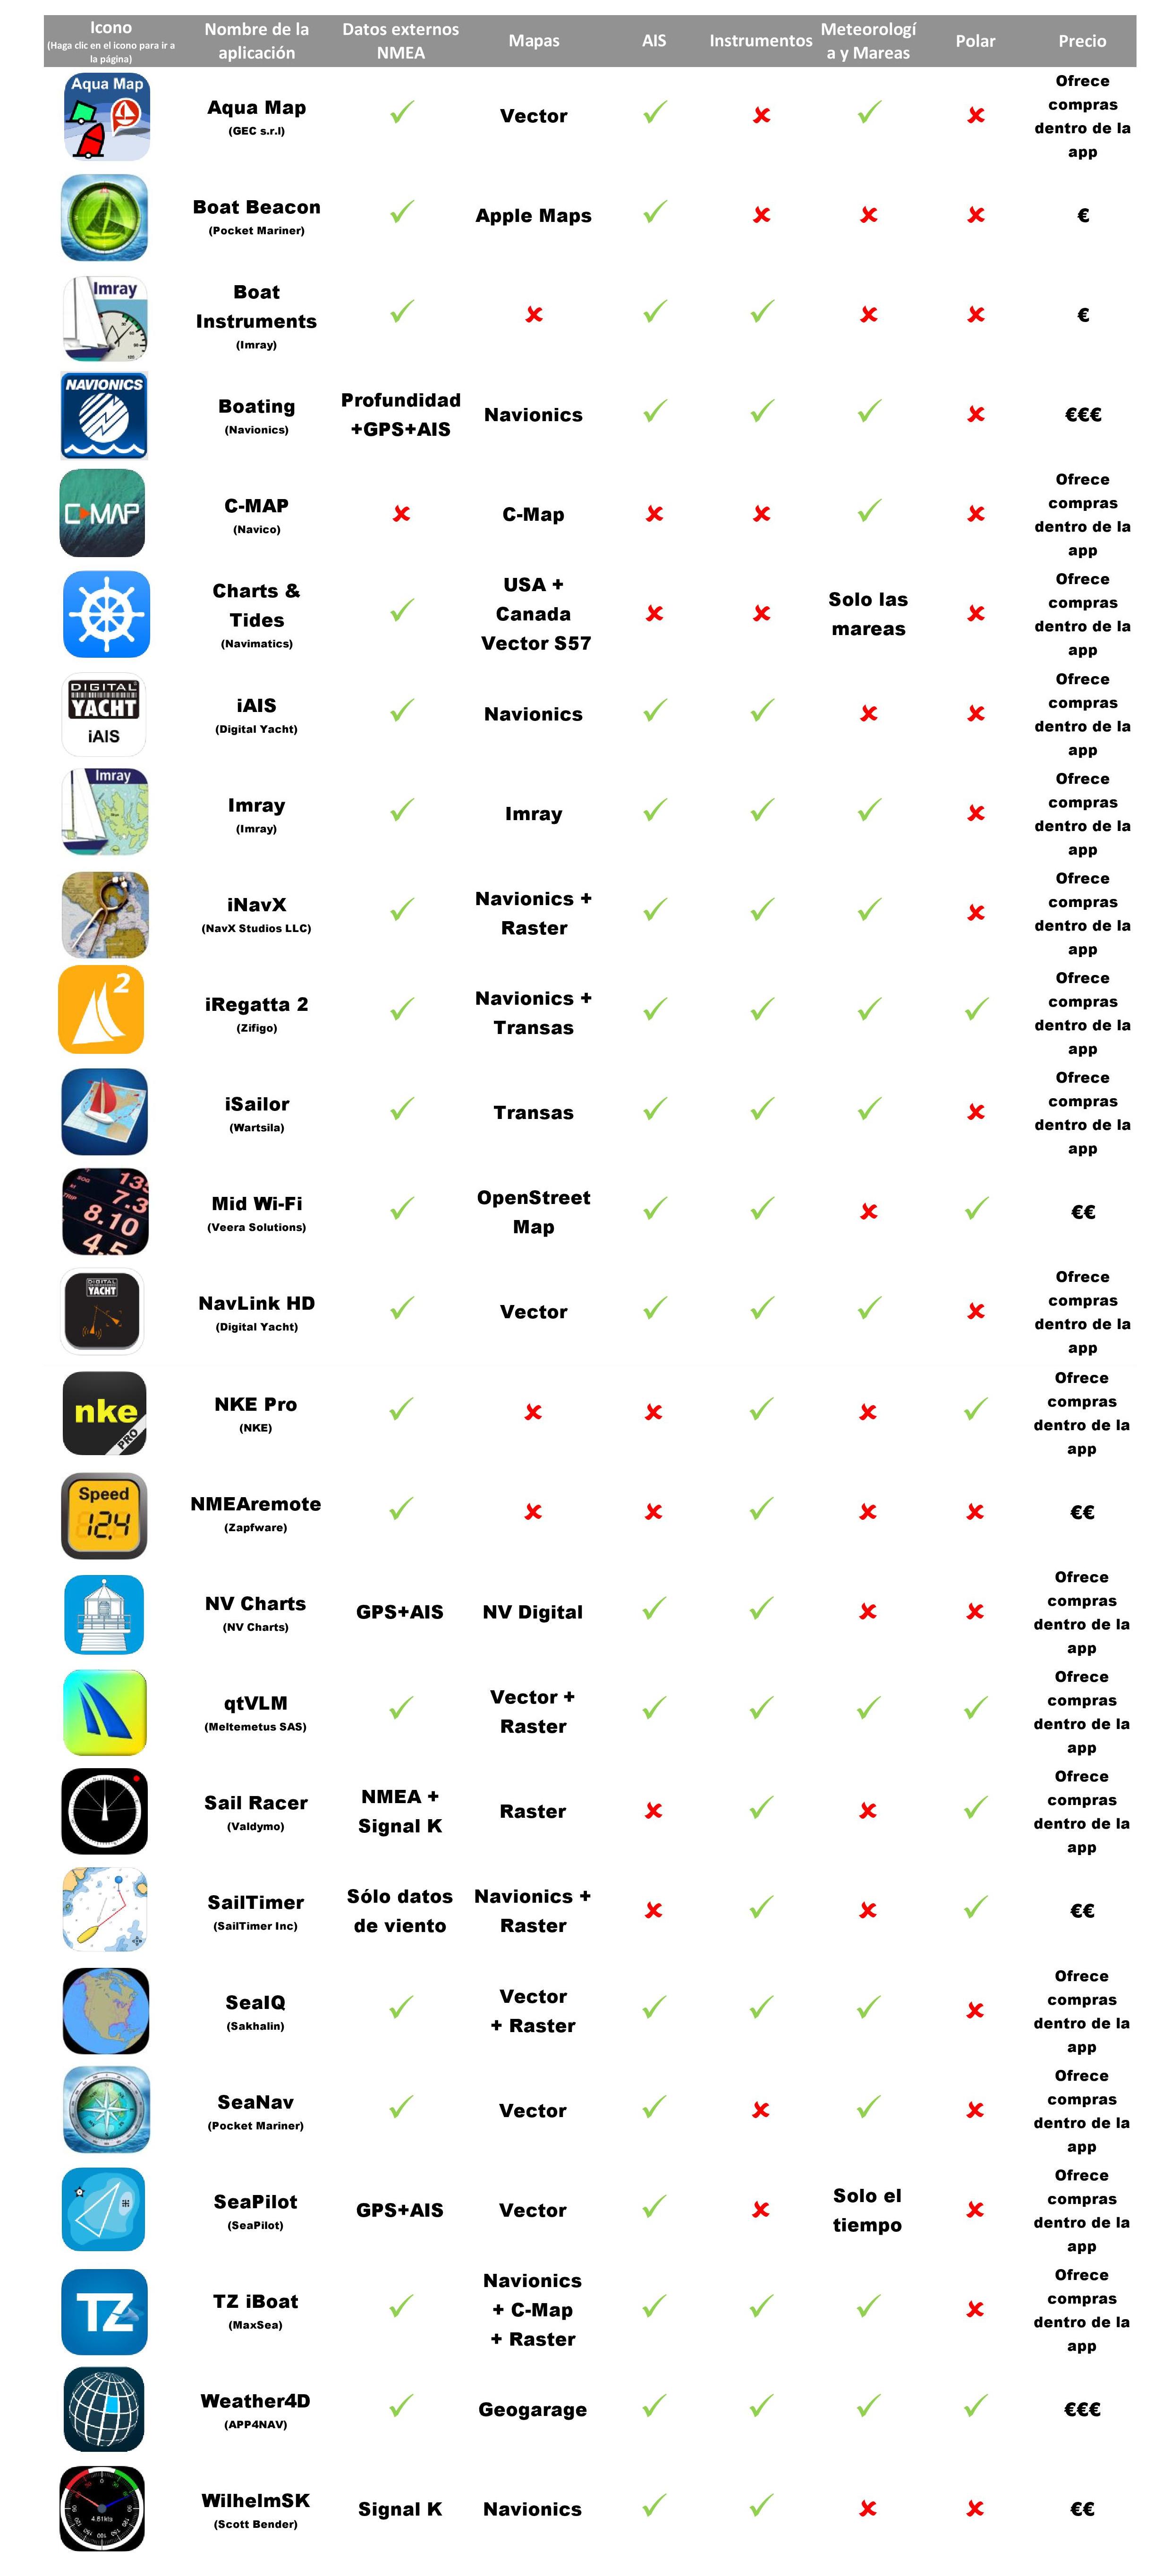 Acabamos de actualizar nuestra lista de las mejores aplicaciones marinas para el iPhone y el iPad para incluir nuevas aplicacione